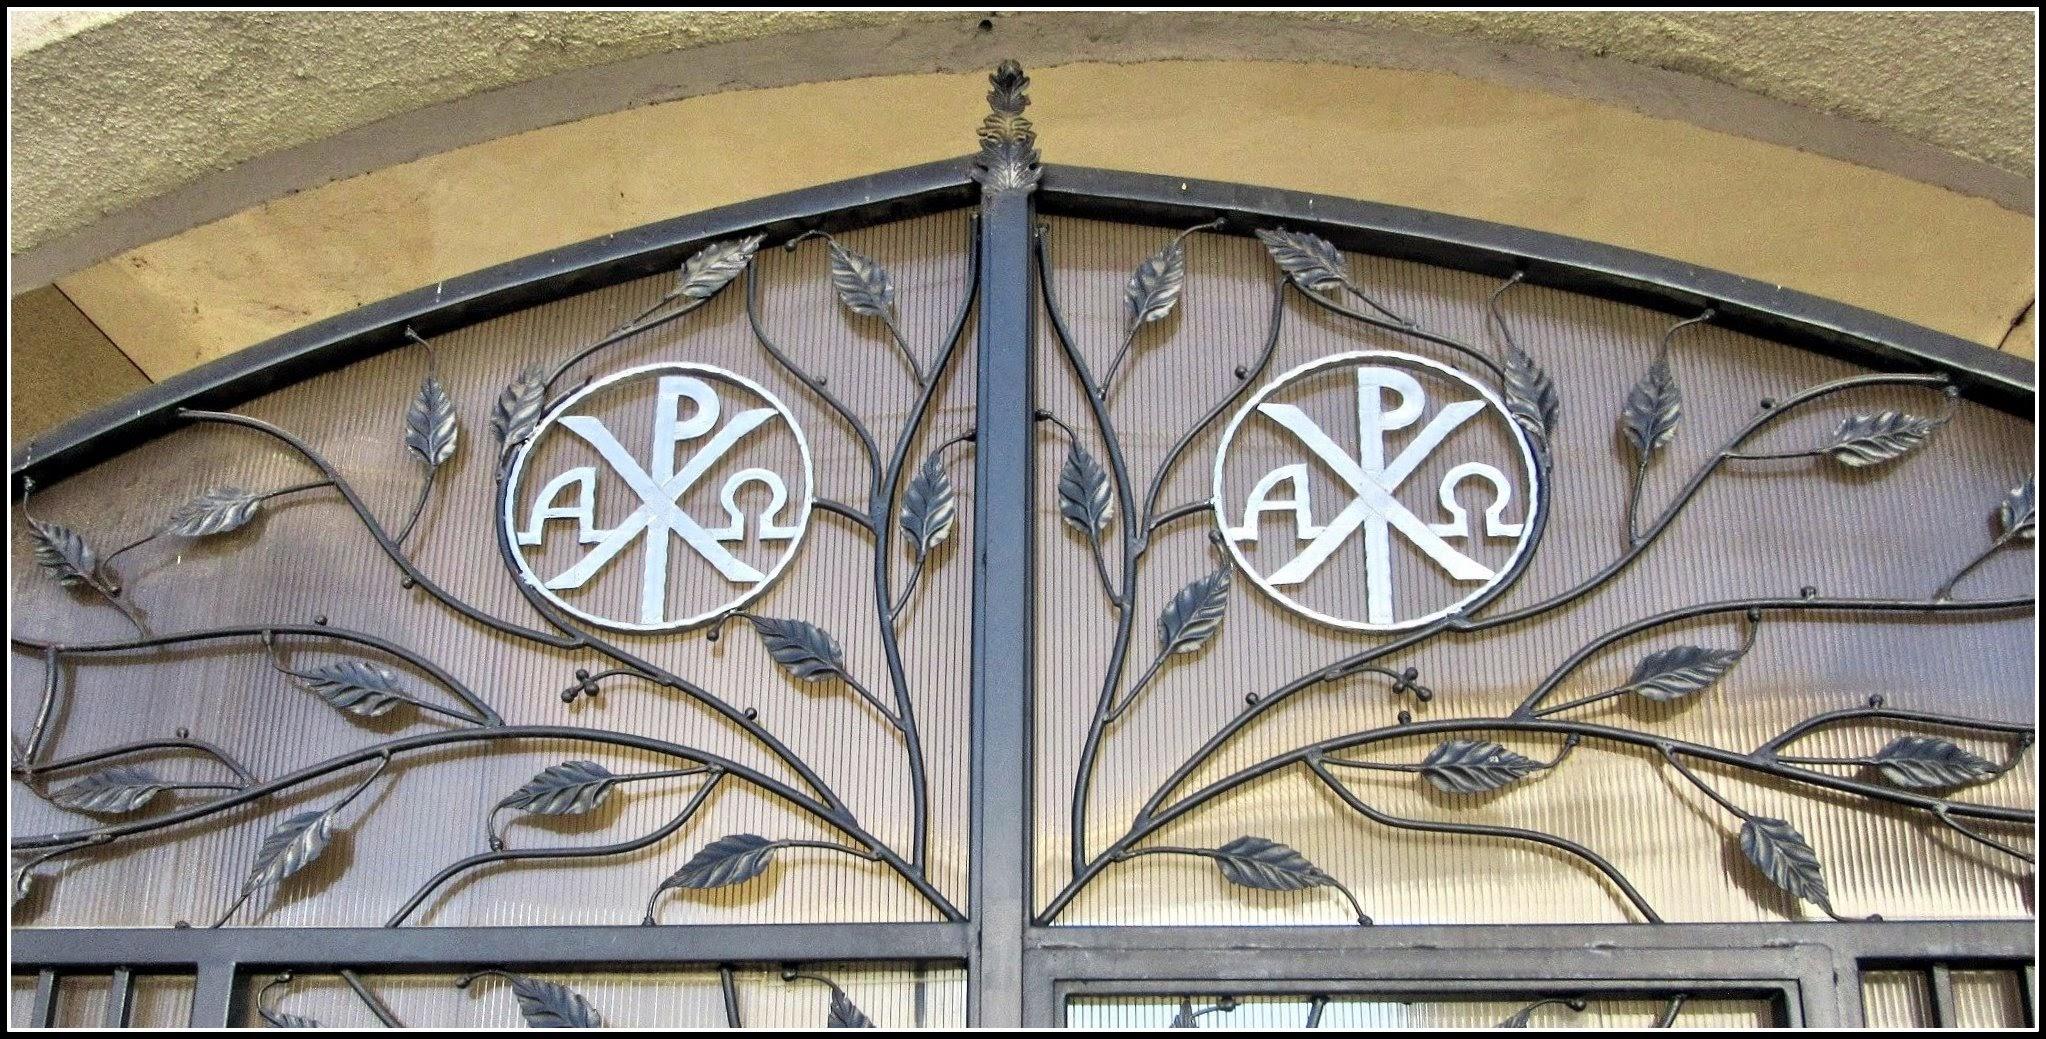 """Photo: """"SIMBOLURI CREŞTINE LA TURDA Biserica Baptistă """"Speranţa"""" din Turda, str.Coşbuc nr.9, are pe poartă două simboluri creştine (litere greceşti):  - A (Alfa) şi Ω (Omega): """"Eu sunt Cel dintâi şi Cel de pe urmă"""". - X (H) şi P (R): monograma lui Isus Cristos.""""  Foto: Ana-Maria Catalina.   info Facebook, R.C - 2017 https://www.facebook.com/photo.php?fbid=1883171605329651&set=a.1461038877542928.1073741826.100009104908756&type=3&theater"""